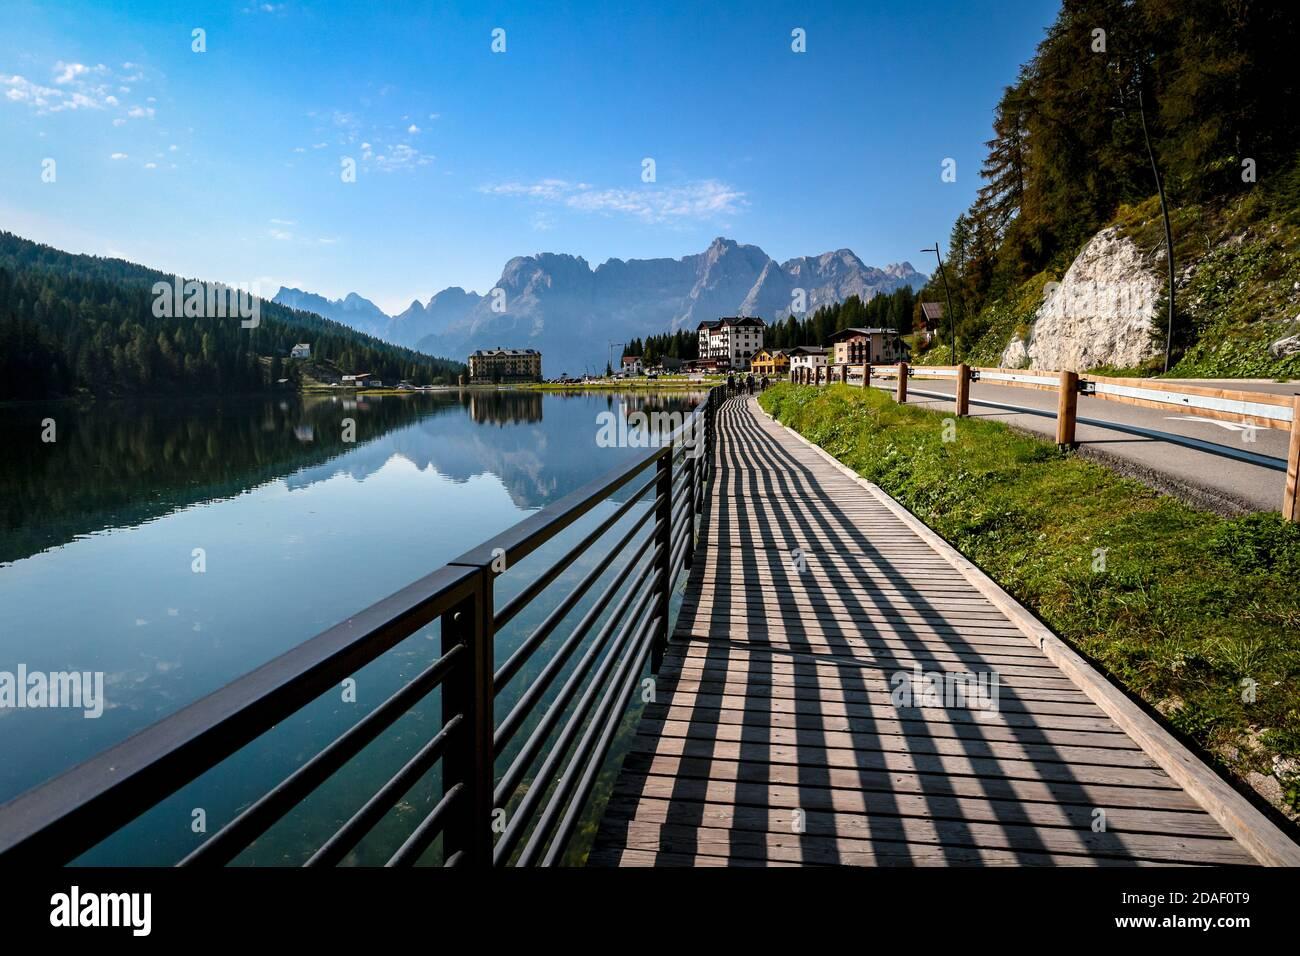 Lago di Misurina et lignes dures d'ombres avec miroir lac réflexions du panorama alpin des Dolomites à Misurina, Vénétie, Italie. Banque D'Images